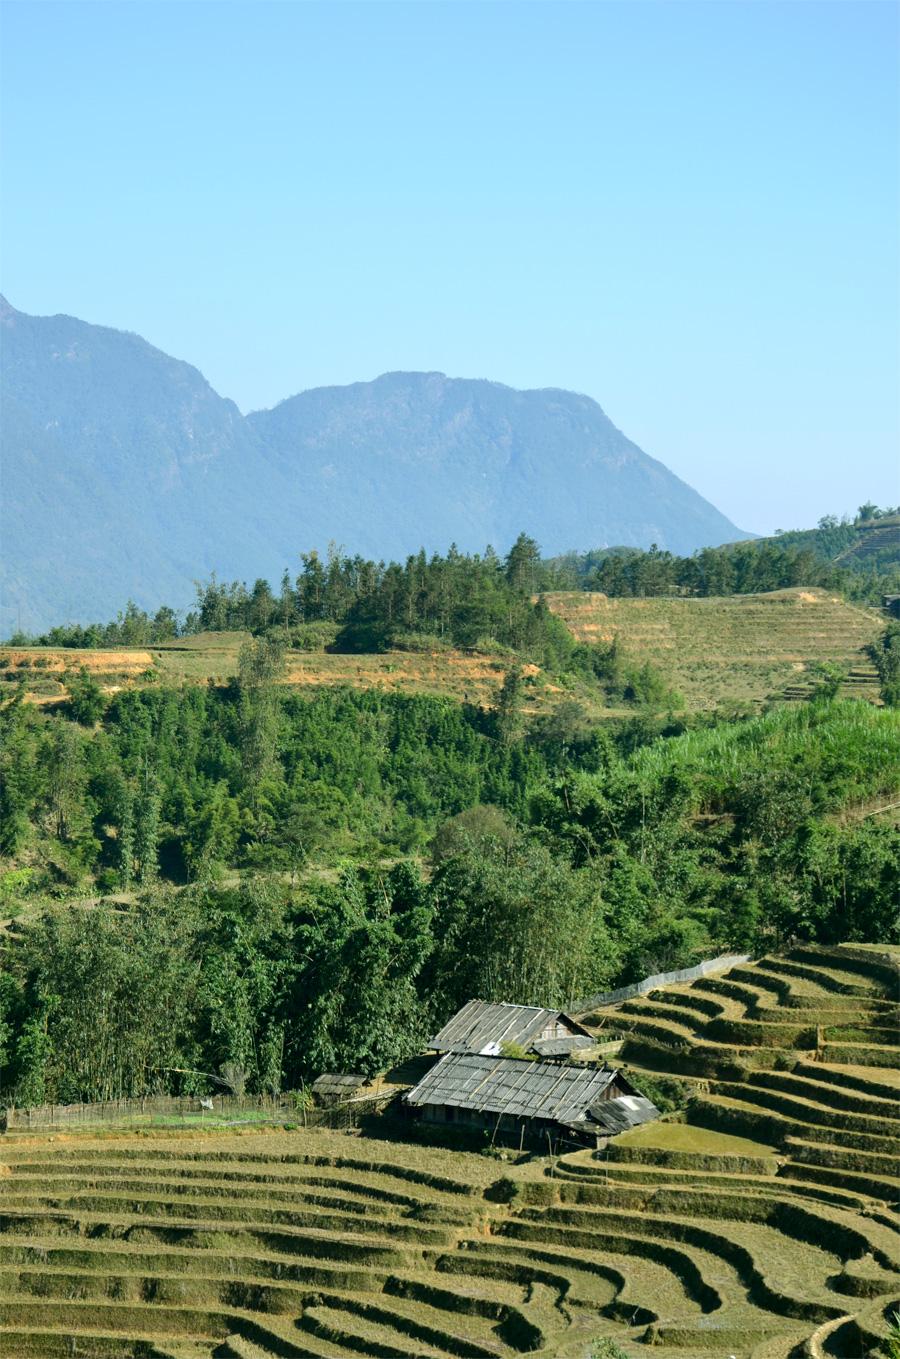 Voyage au Vietnam : trek dans les montagnes et rizières aux alentours de Sapa